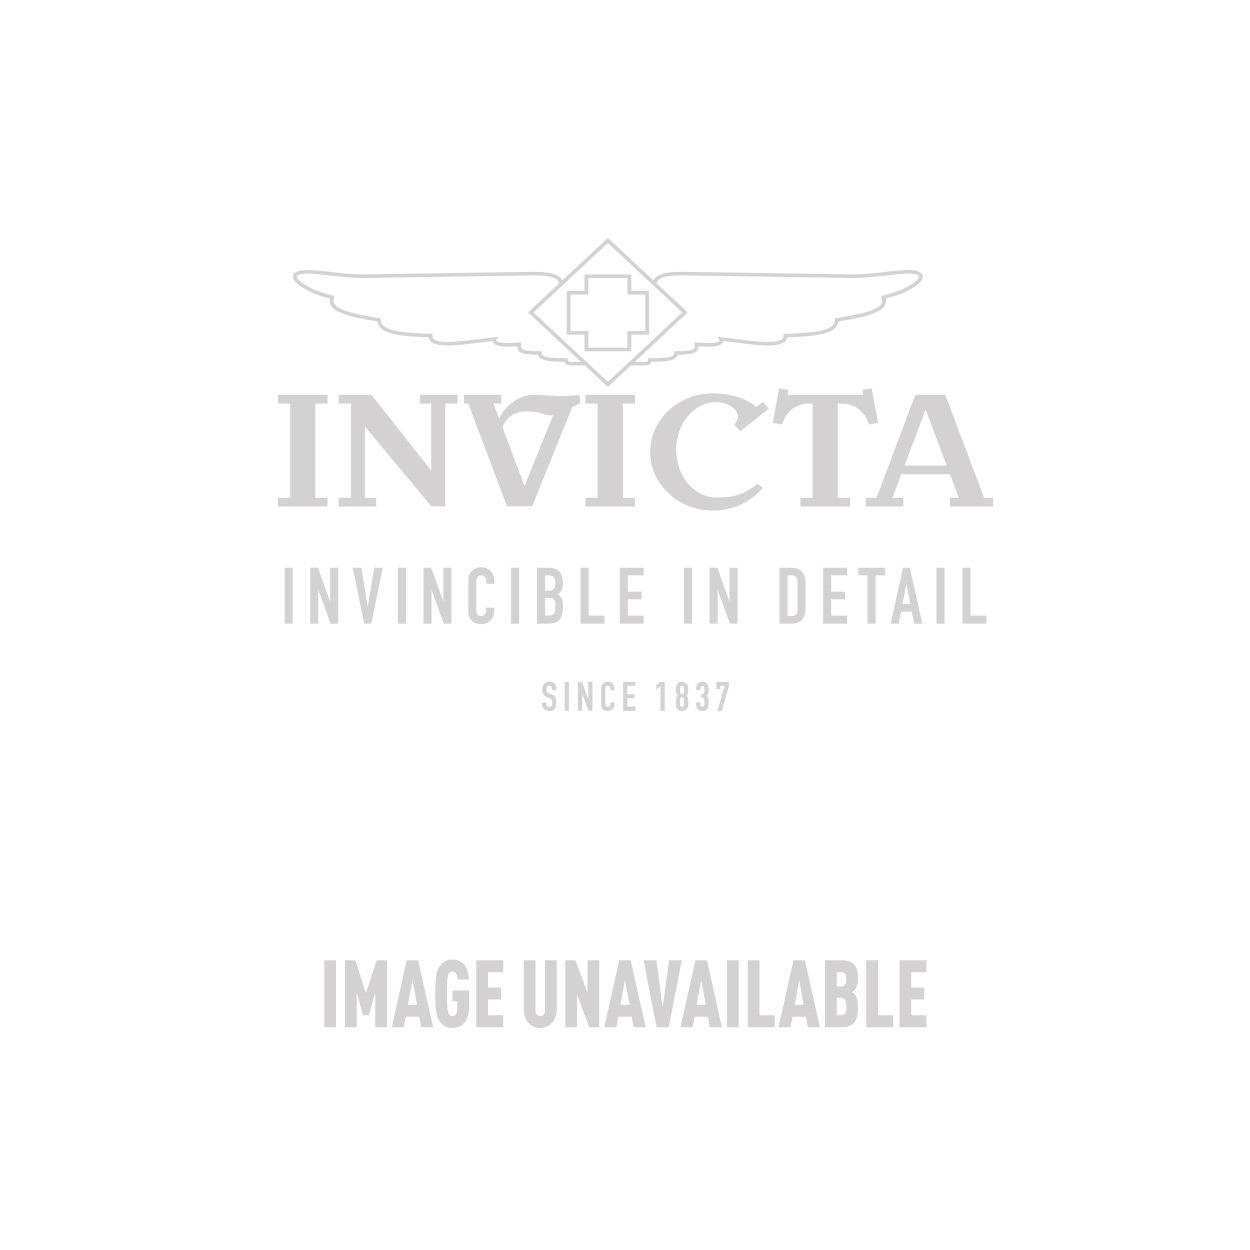 Invicta Subaqua NOMA V Mens Quartz 50mm Grey, Gunmetal Case  Stainless Steel Dial Model  - 18179